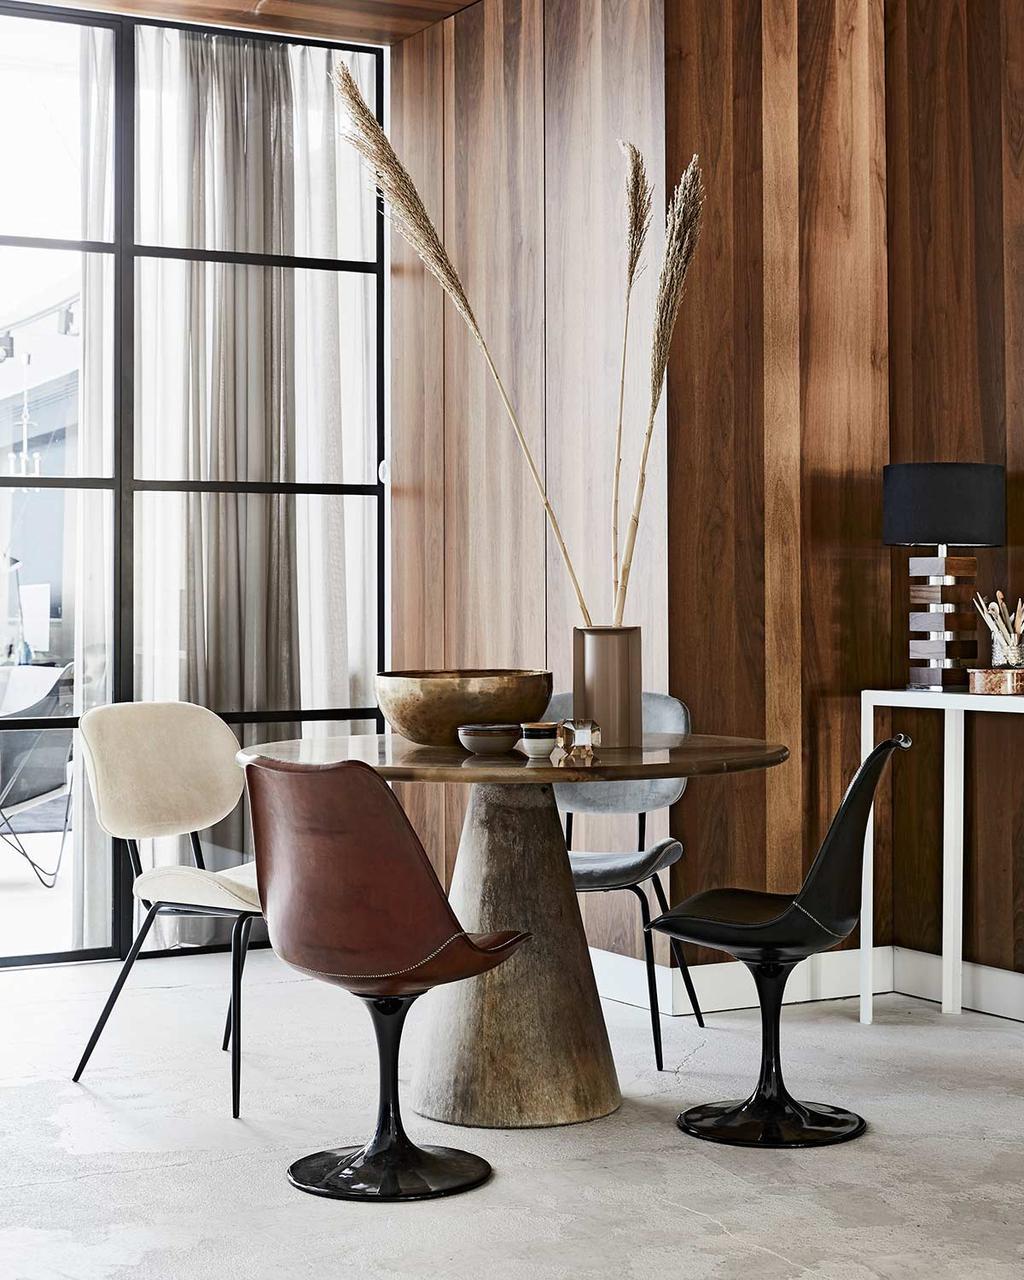 Houten wandbekleding en ronde eettafel in modern interieur